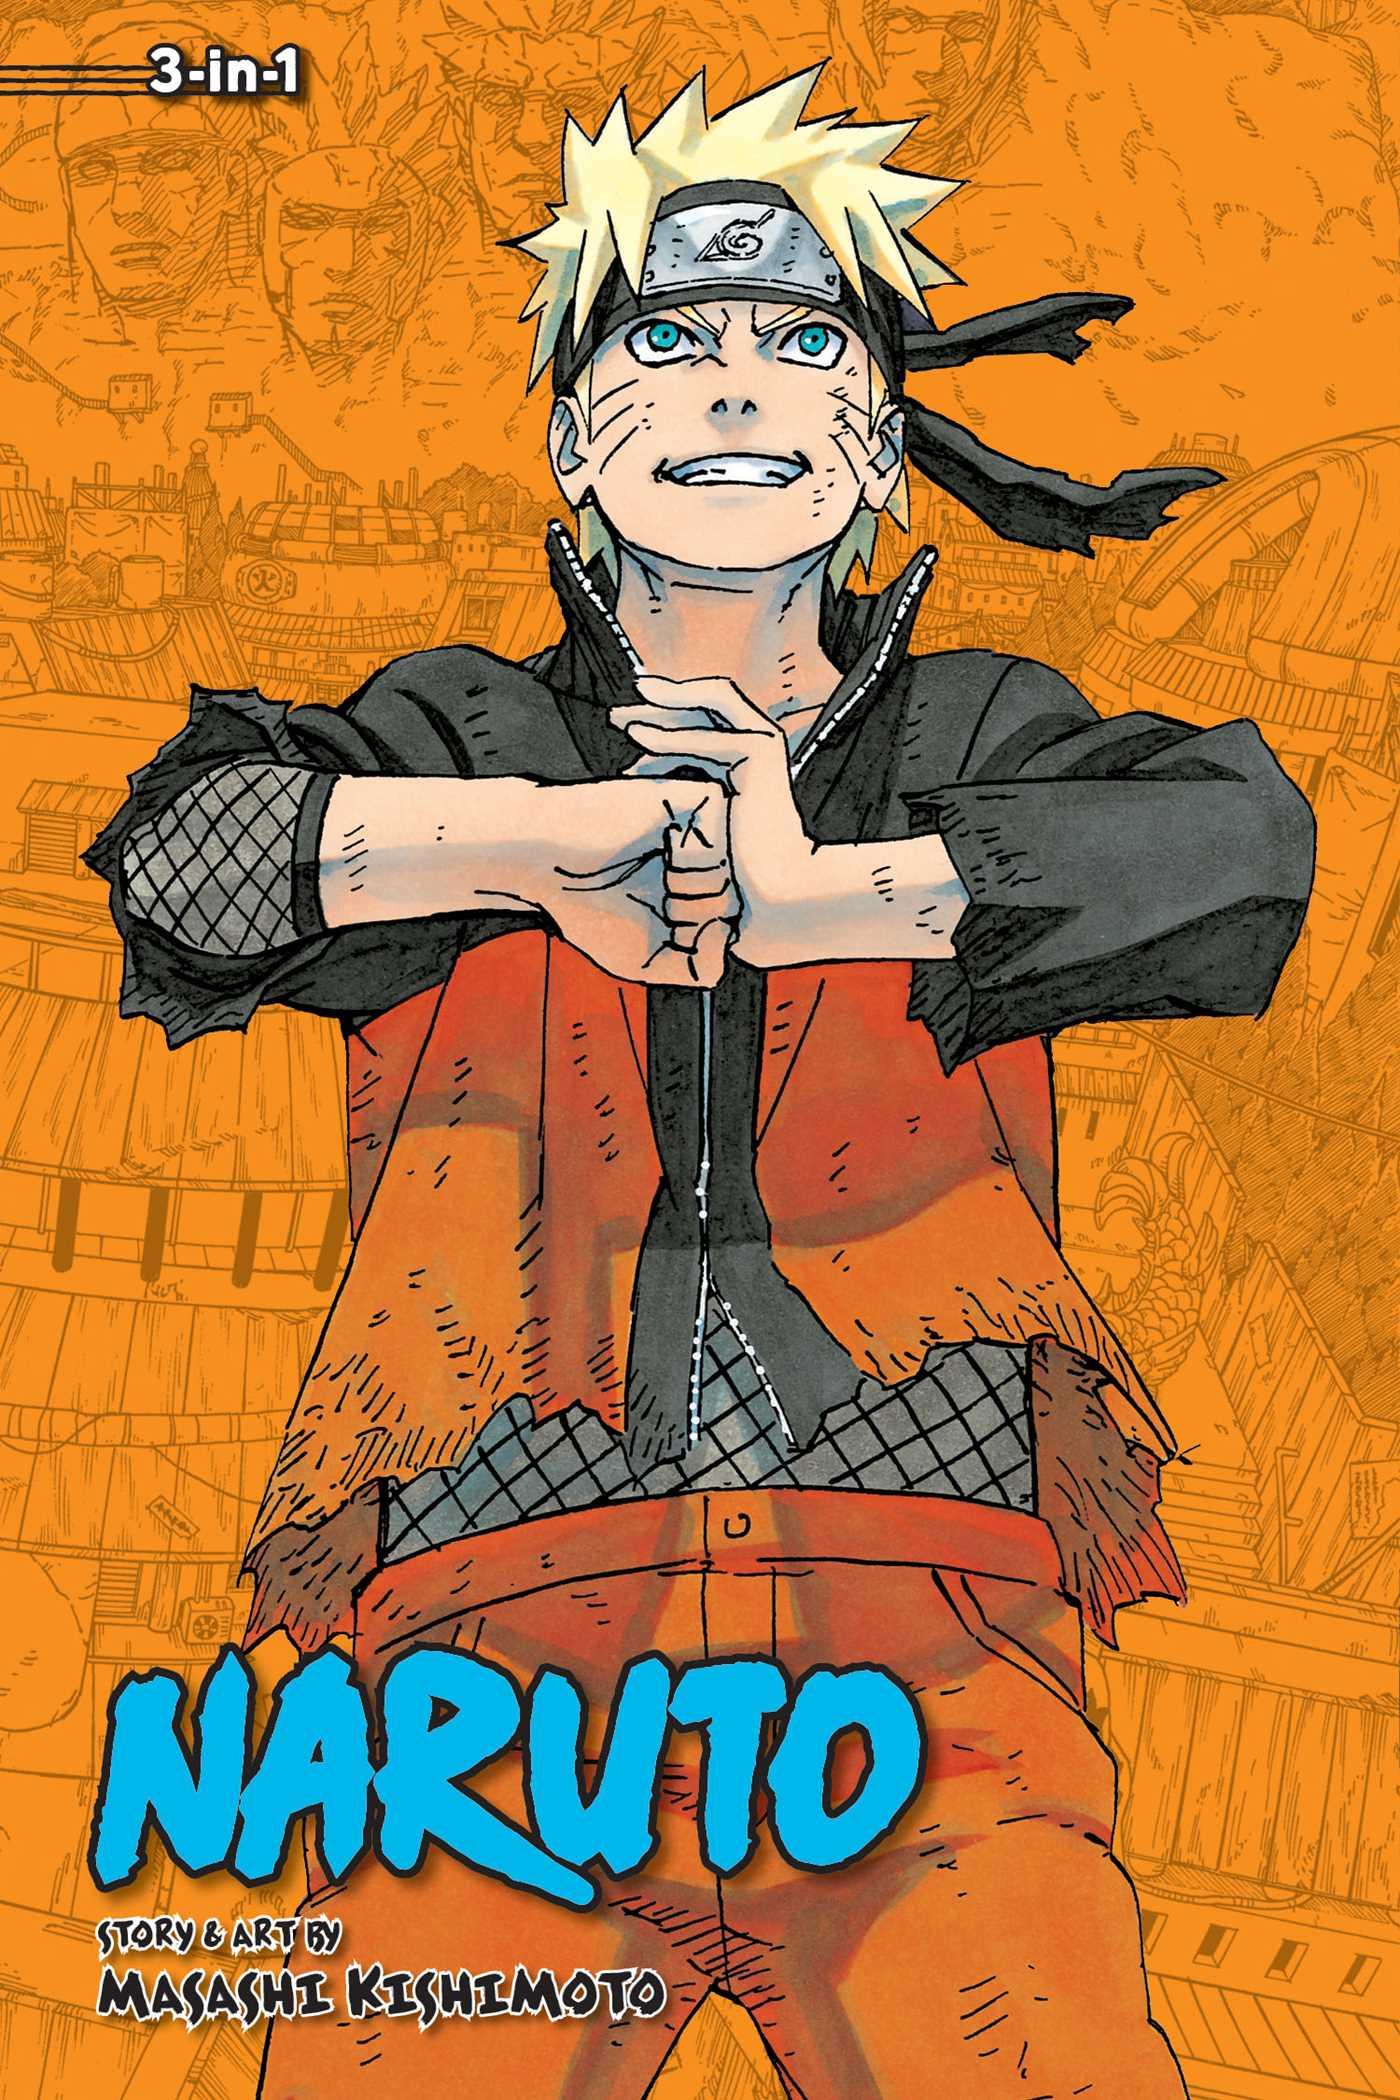 Naruto (3-in-1 Edition), Vol. 22 | Book by Masashi